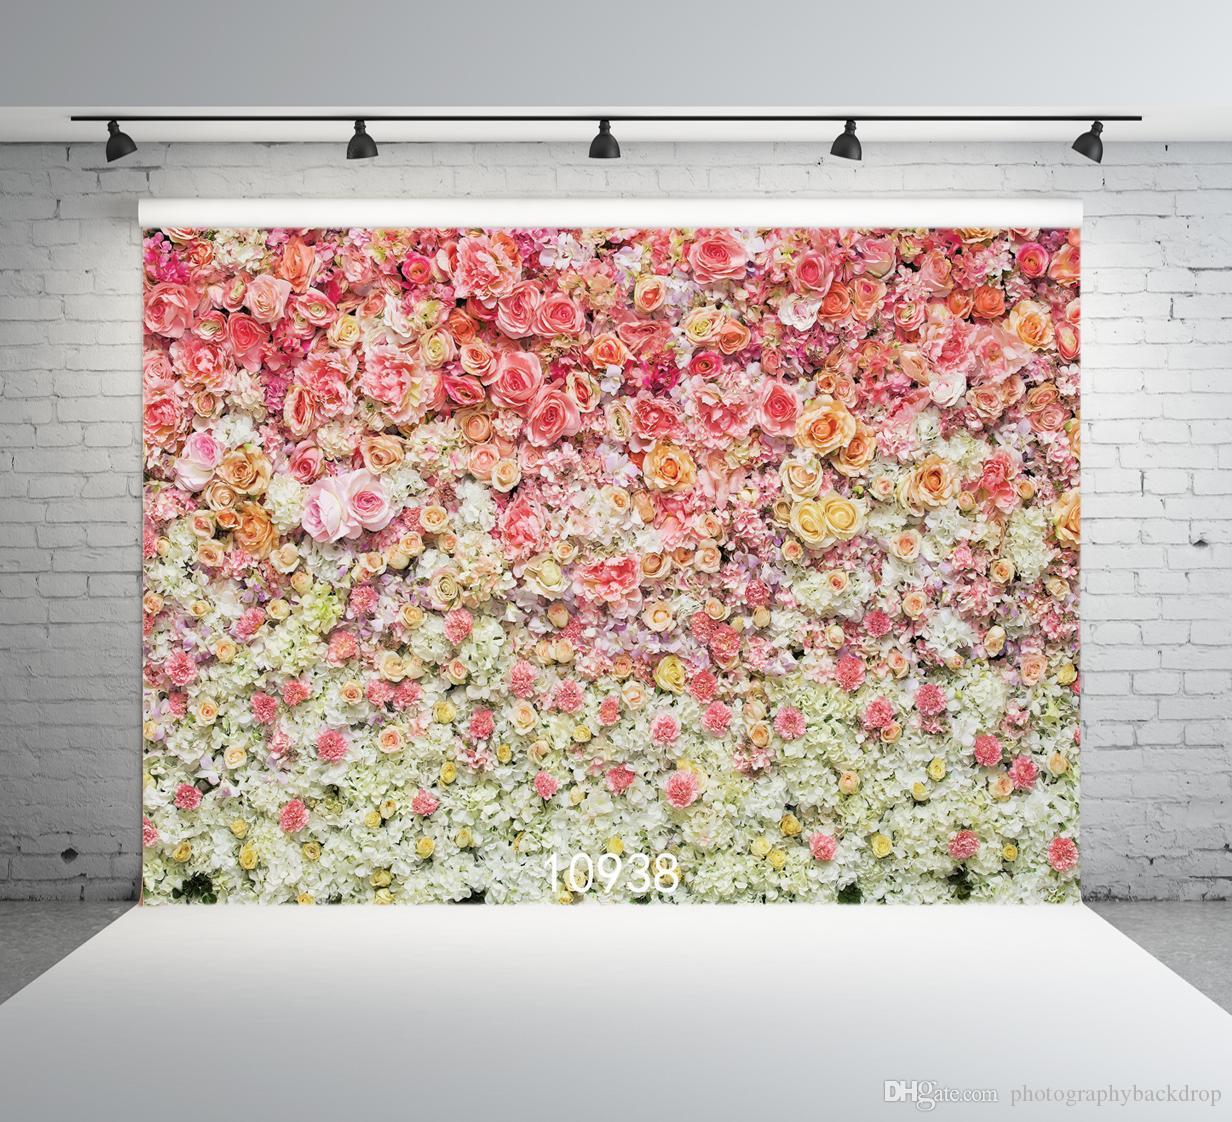 SHENGYONGBAO Vinil Özel Fotoğraf Arka Planında Prop Dijital baskılı Sevgililer günü tema Yatay Fotoğraf Stüdyosu Arka Plan JLT-10938